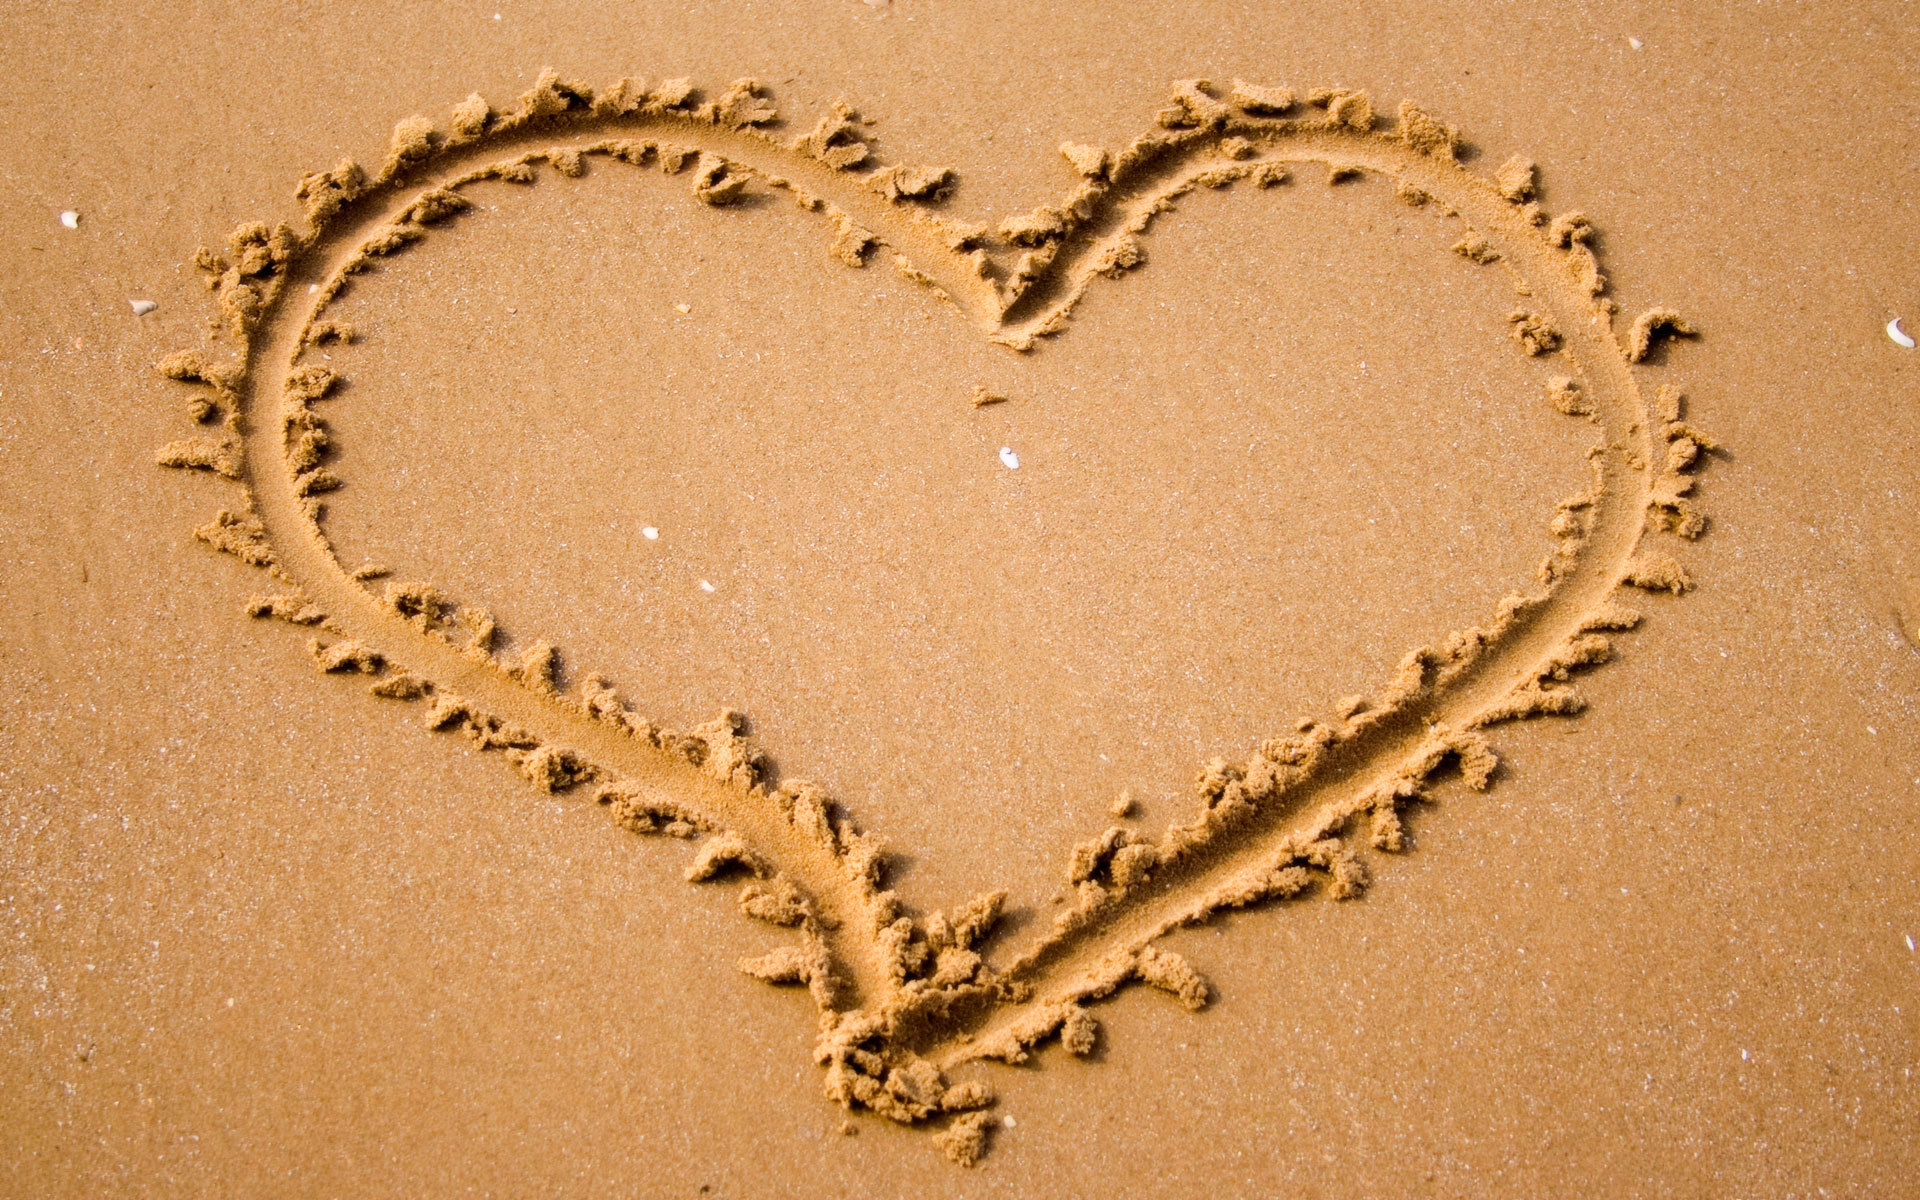 2011 надпись на песке возле волн  № 3342210 бесплатно